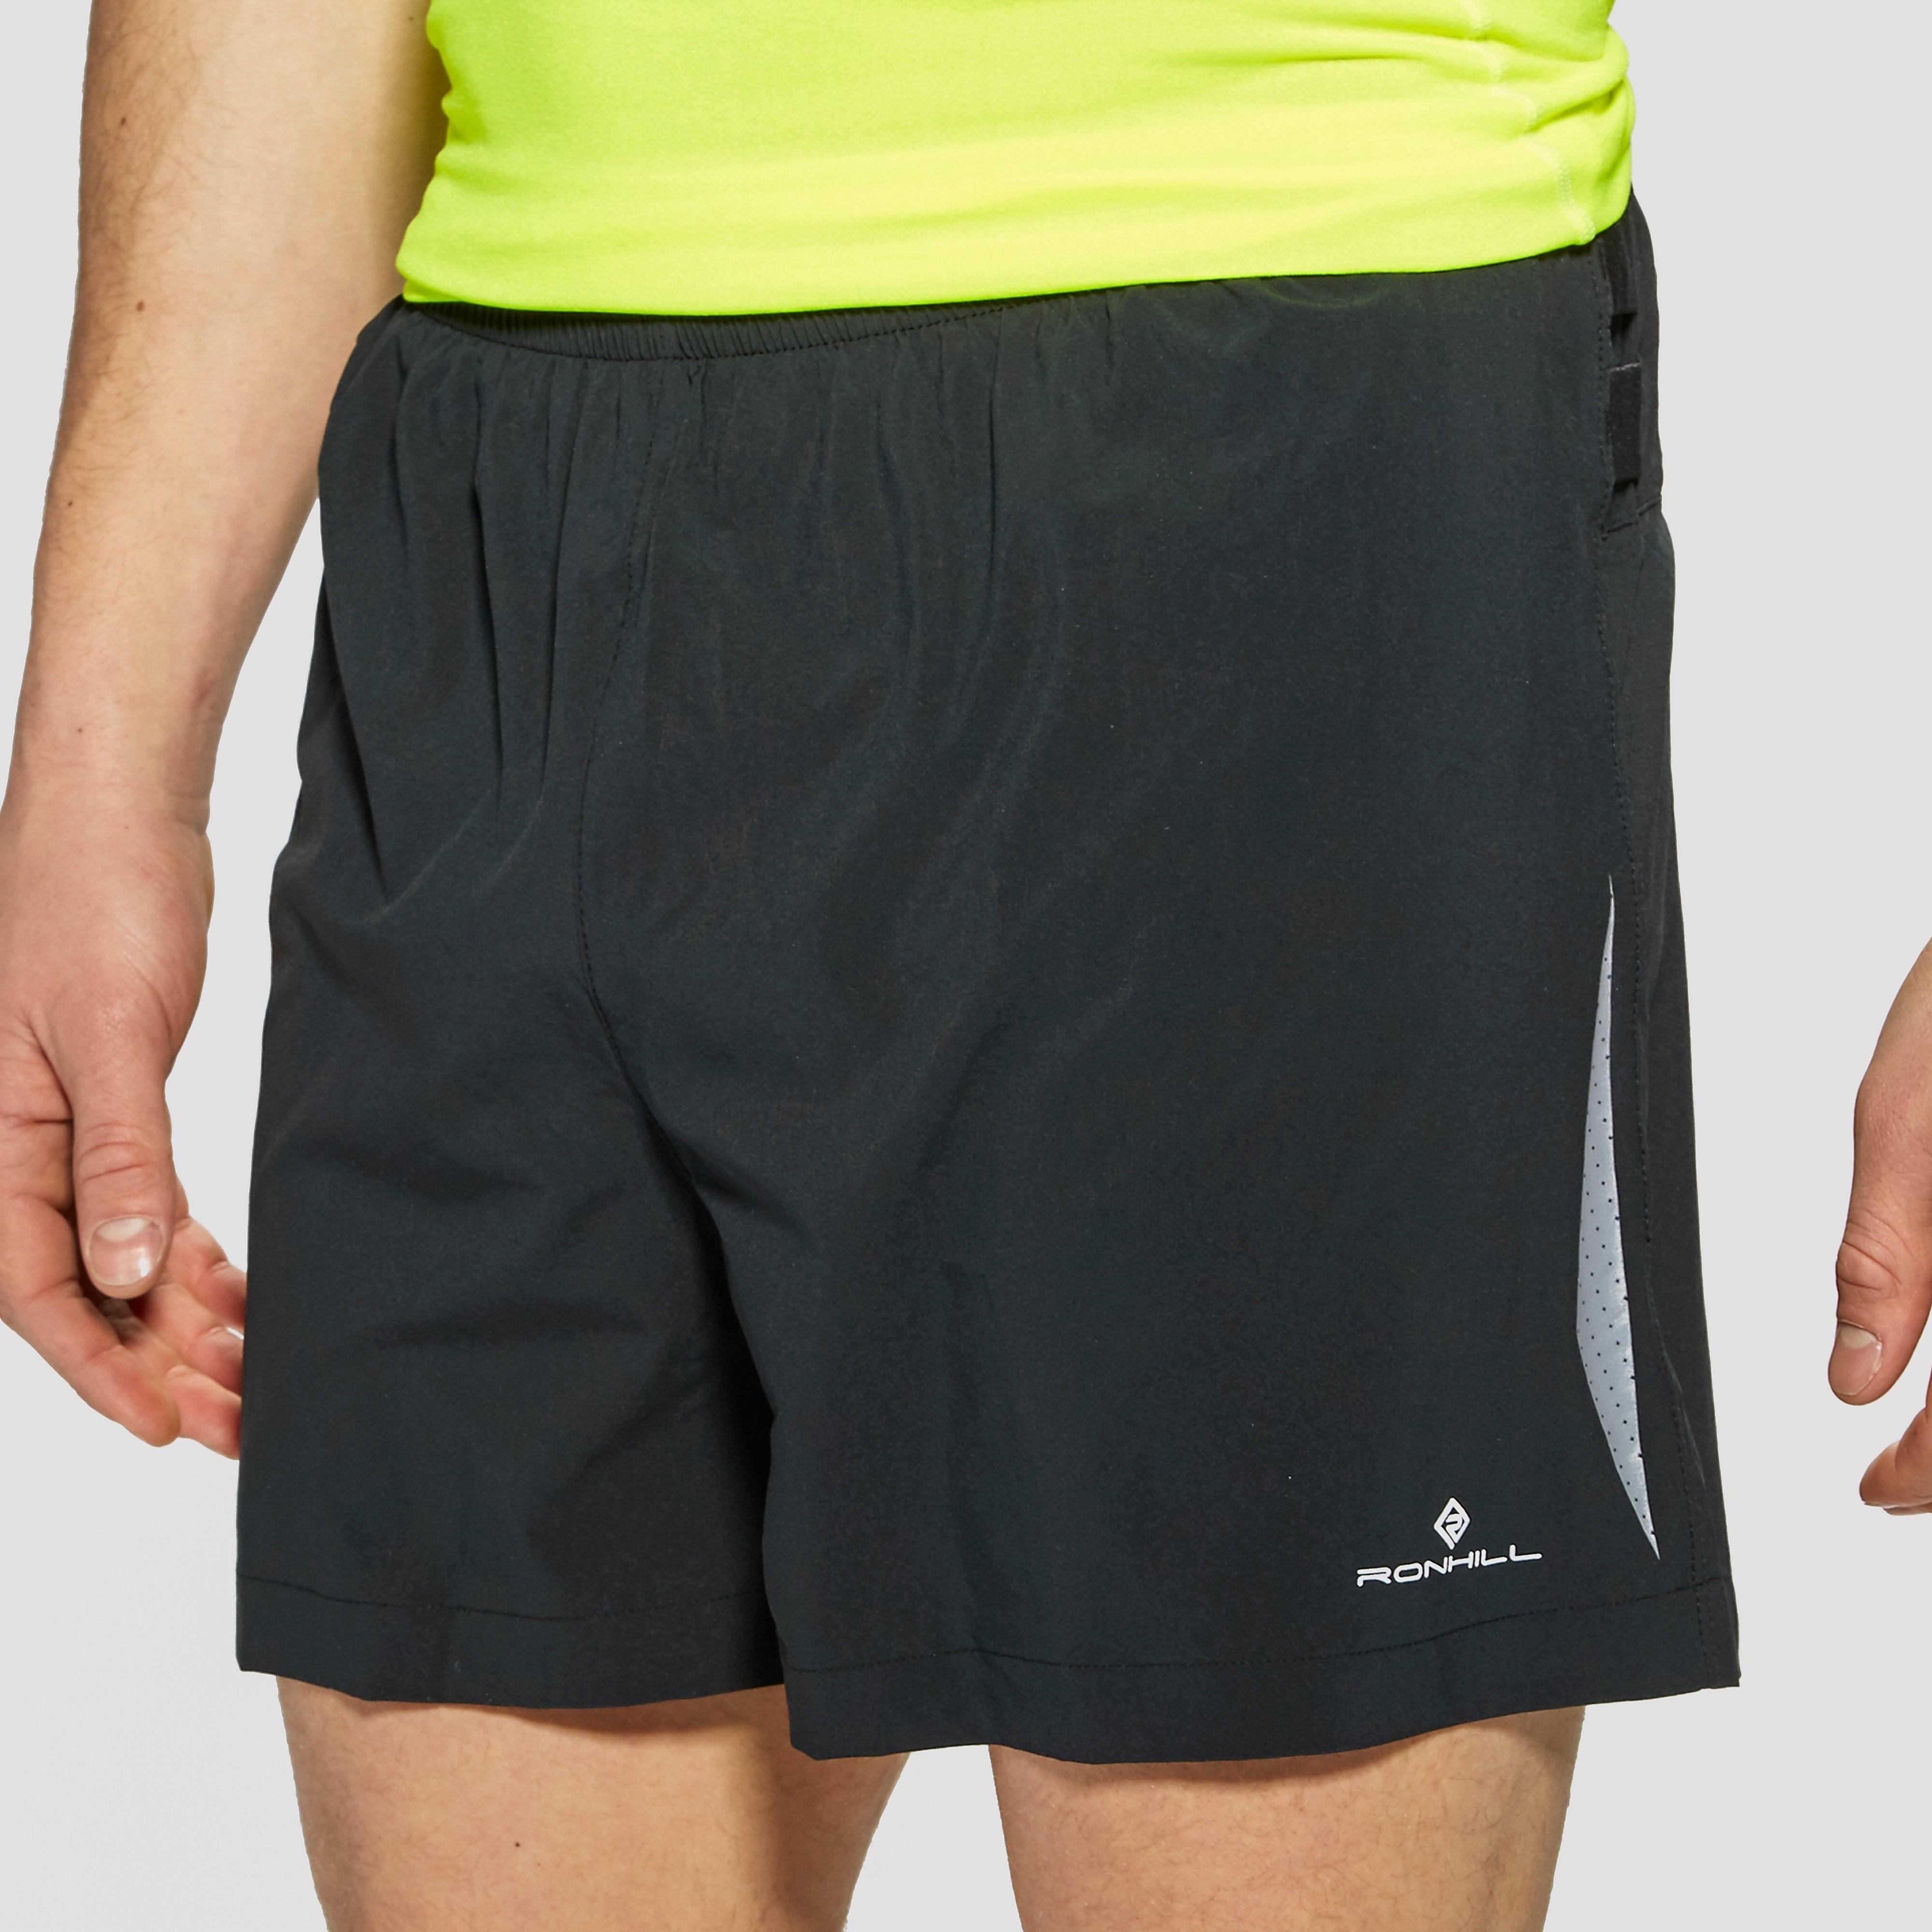 Ronhill Cargo Men's Running Shorts